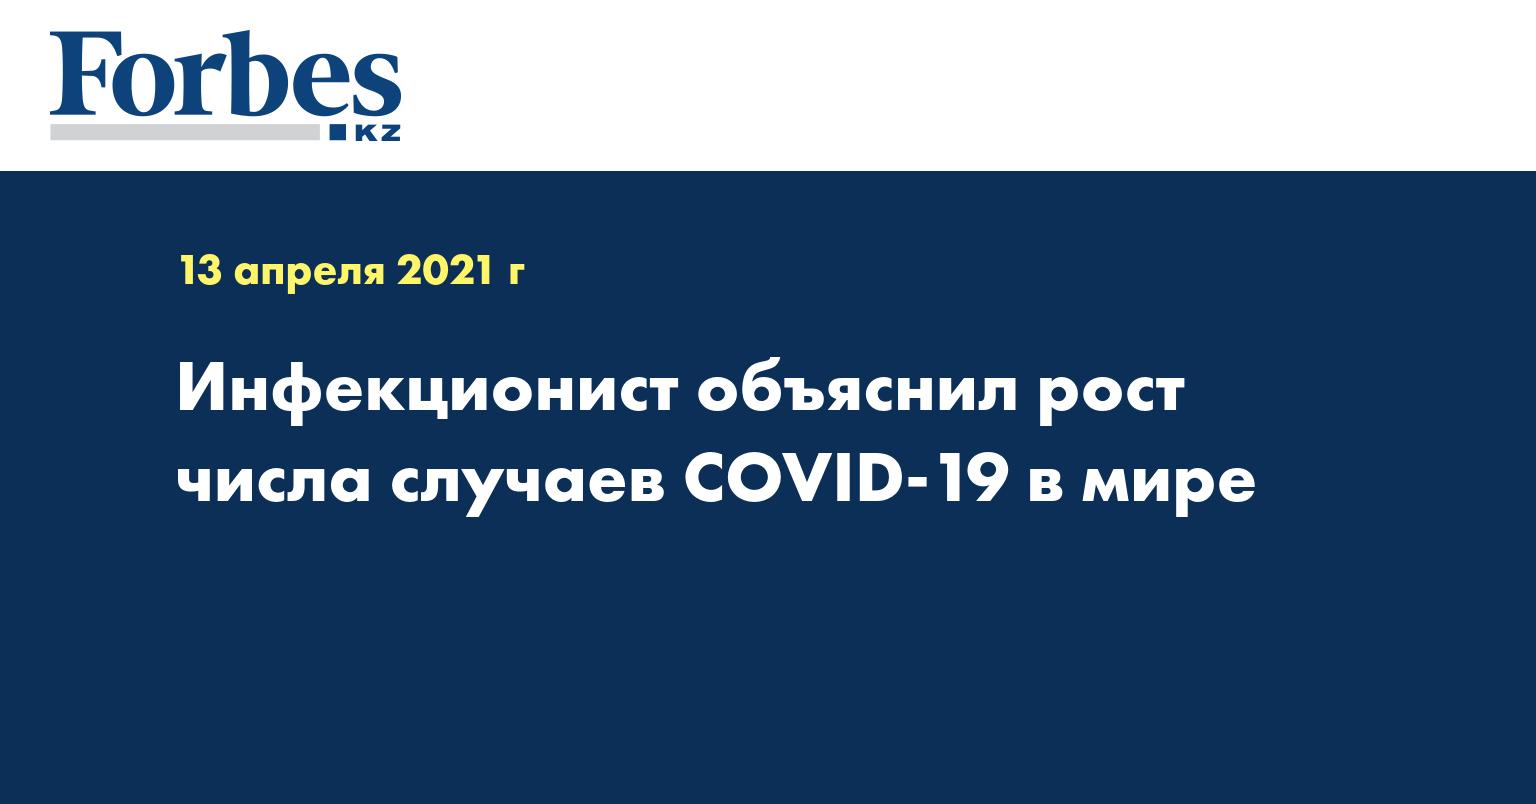 Инфекционист объяснил рост числа случаев COVID-19 в мире